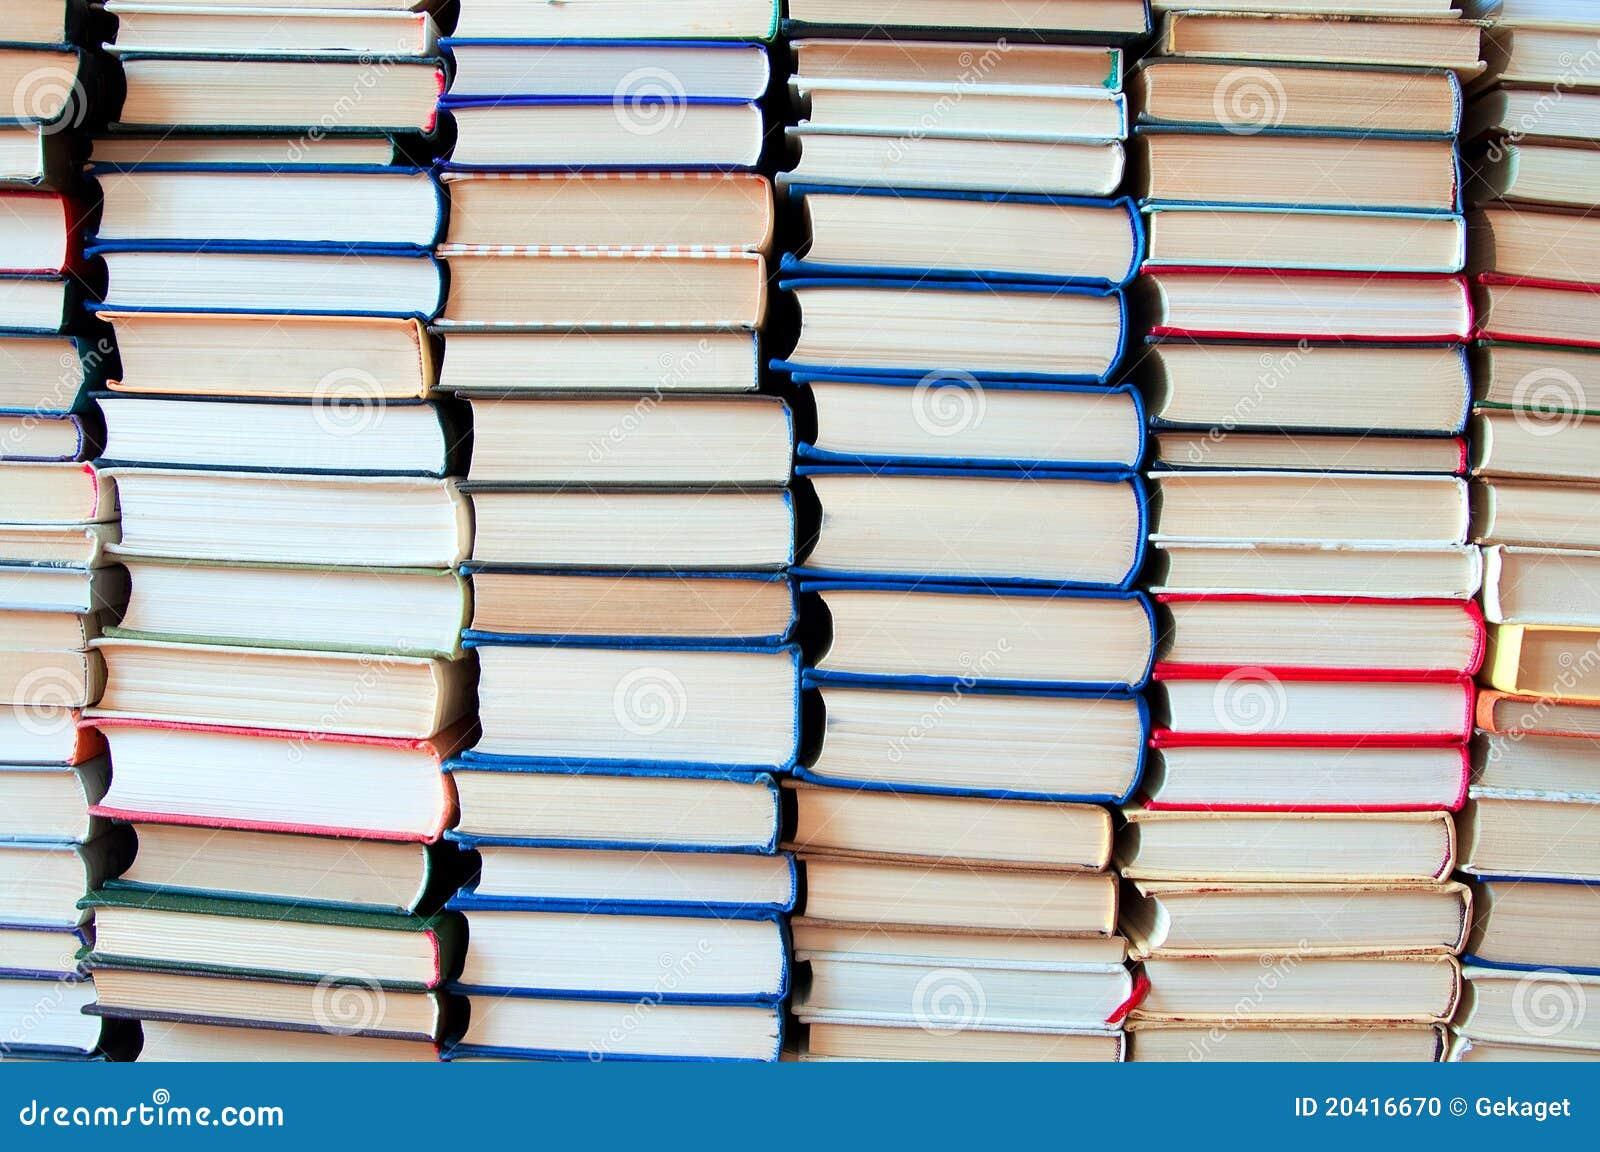 Background Books Stock Photo - Image: 20416670